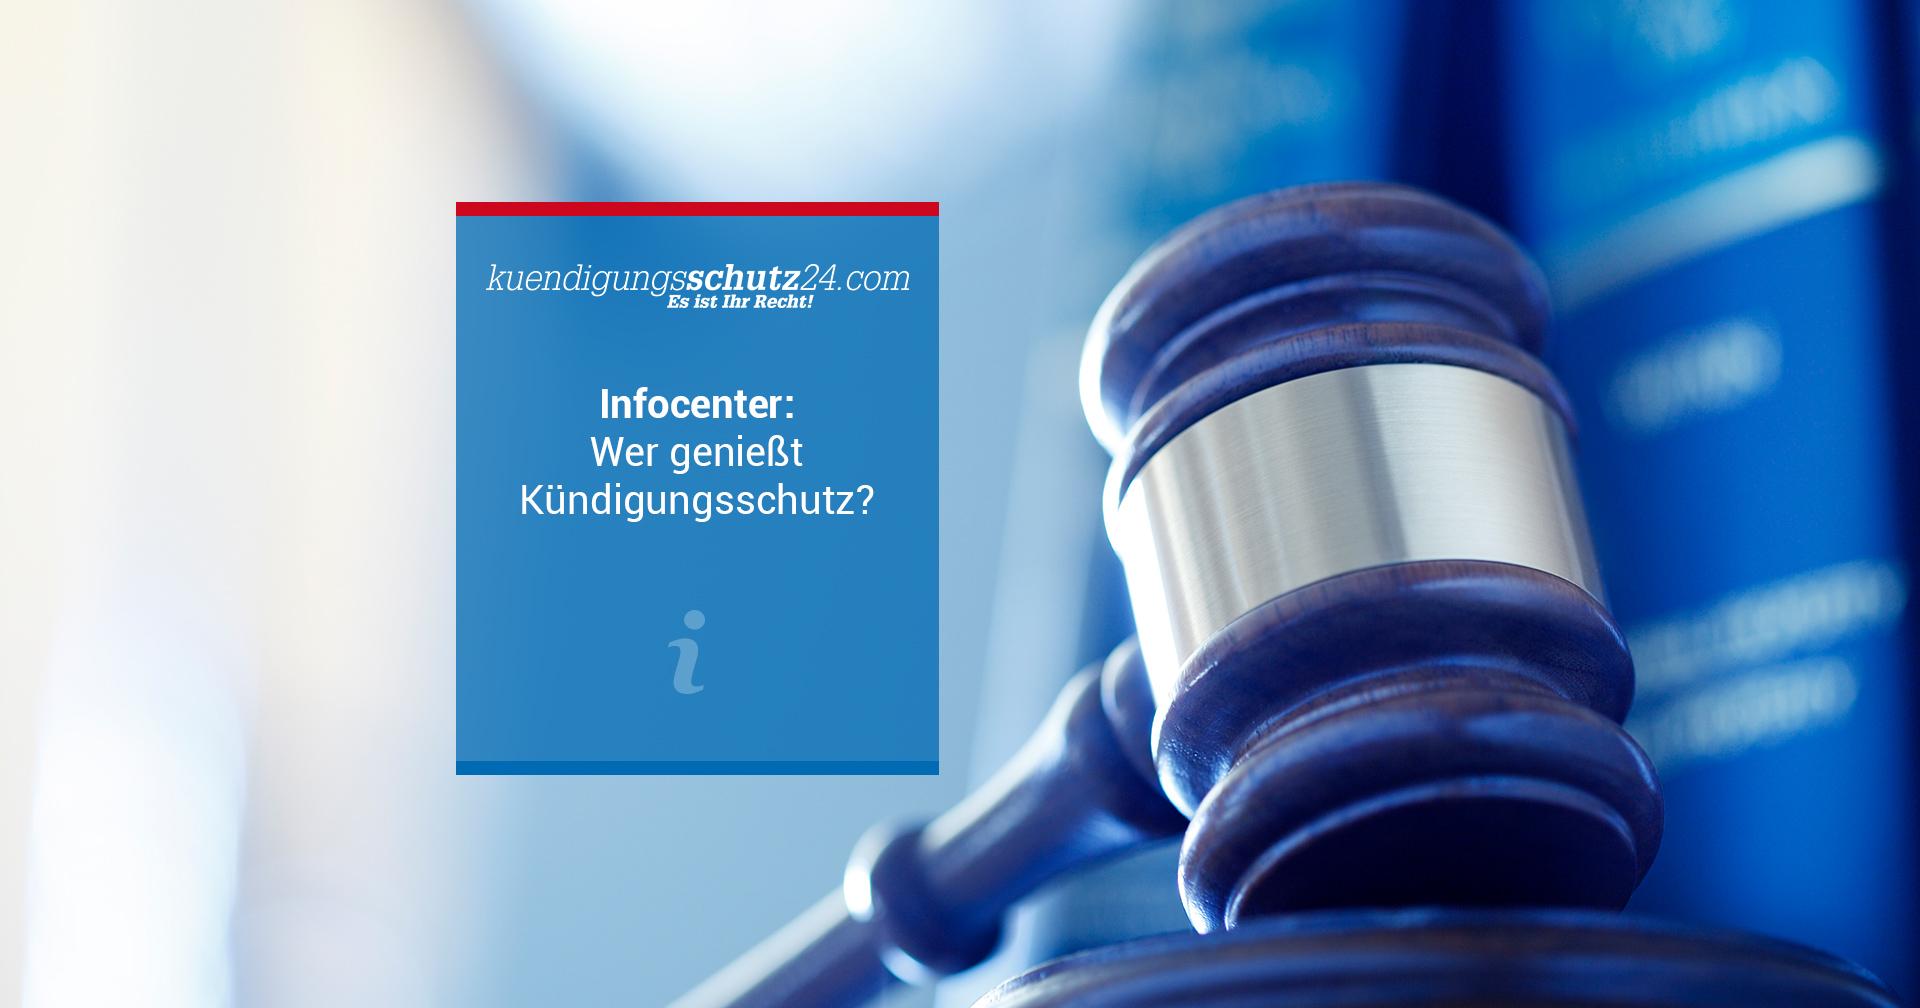 Kündigungsschutz 24 Infocenter Kündigungsschutz Ein überblick